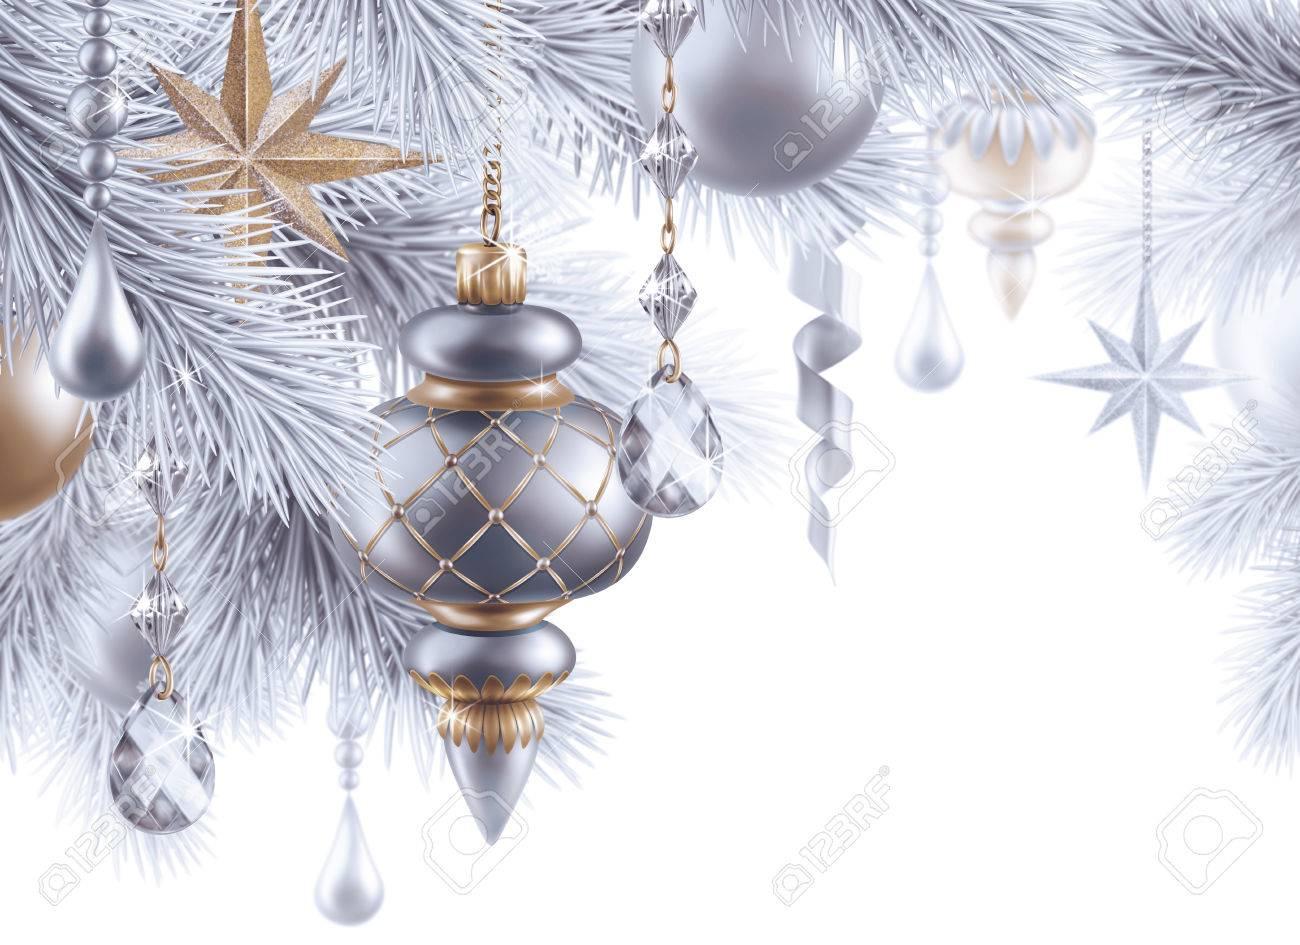 Digitale Illustration, Silber Christbaumschmuck, Weihnachten ...